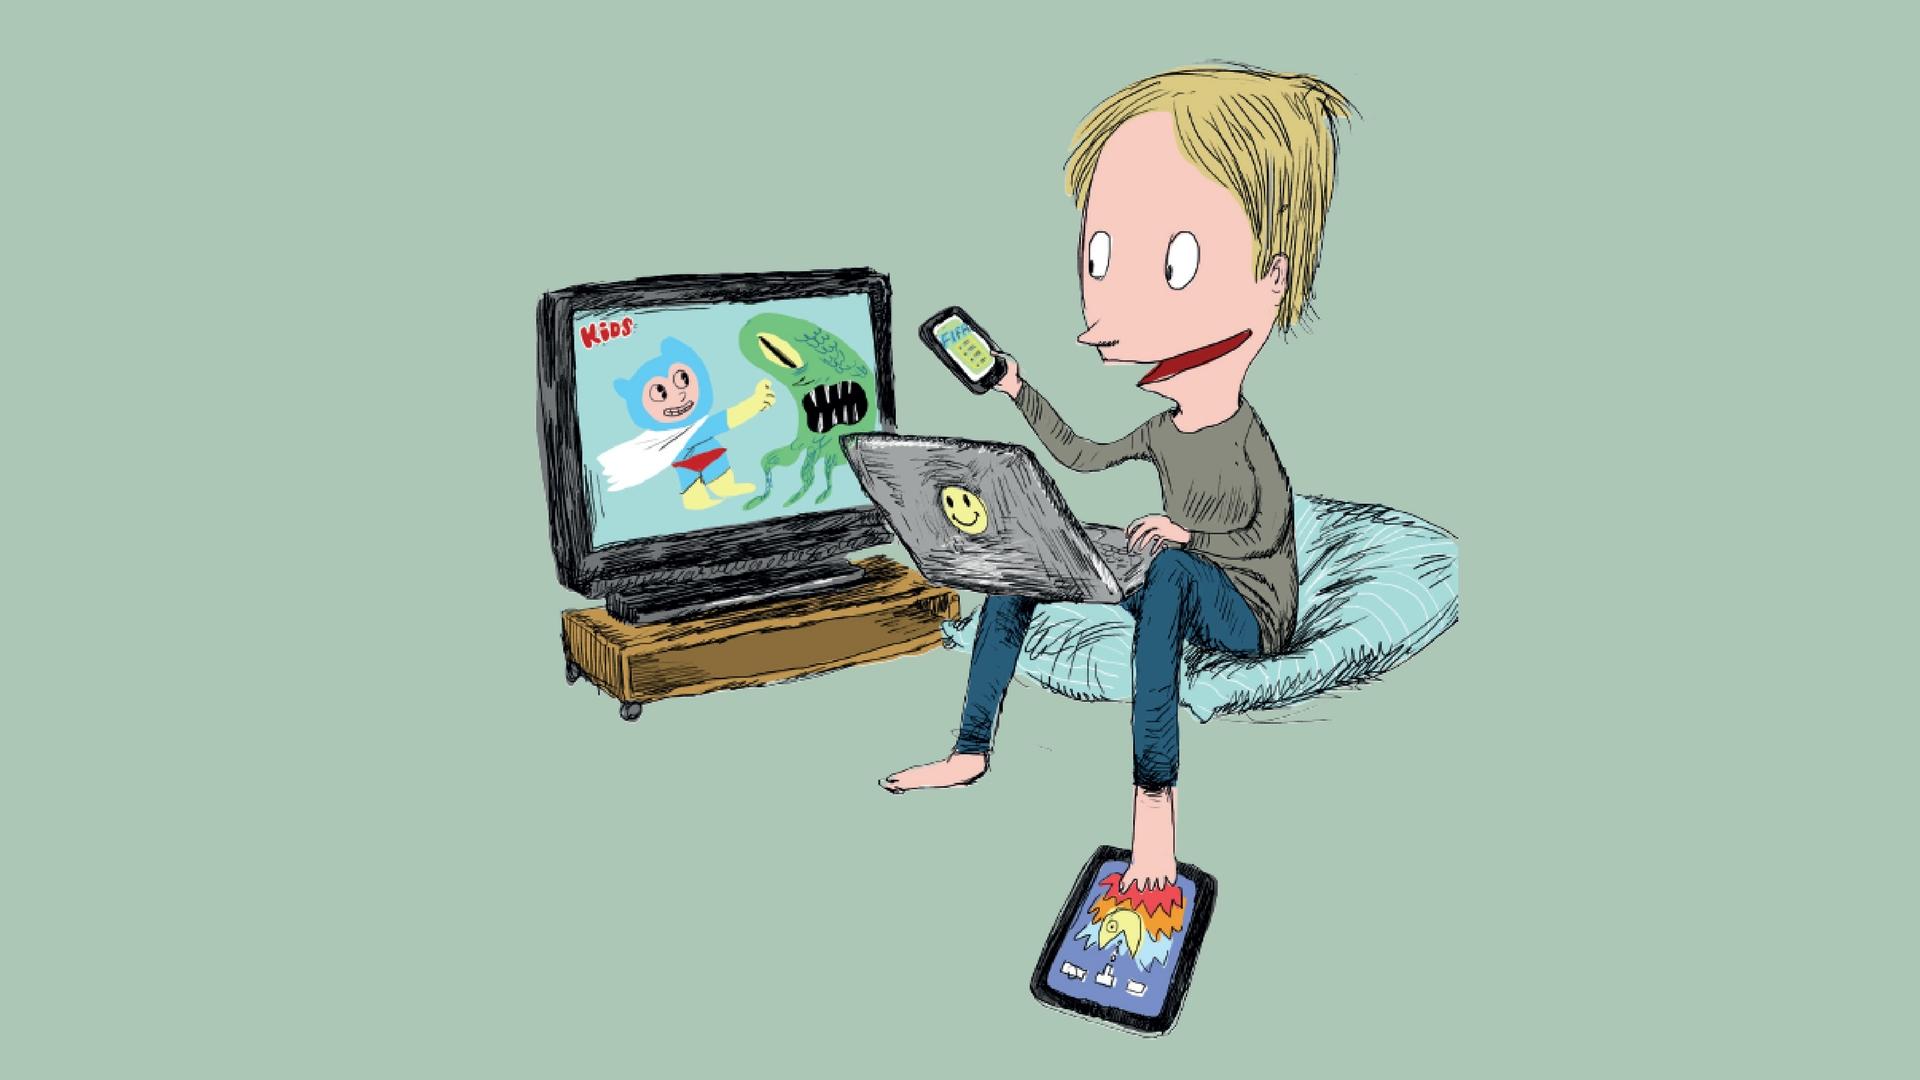 Opfør dig ordentligt og vær en god ven, emma gad, emma gad for børn, Sabine Lemire, Rasmus Bregnhøi, børn og sociale medier, ny på sociale medier, sociale medier